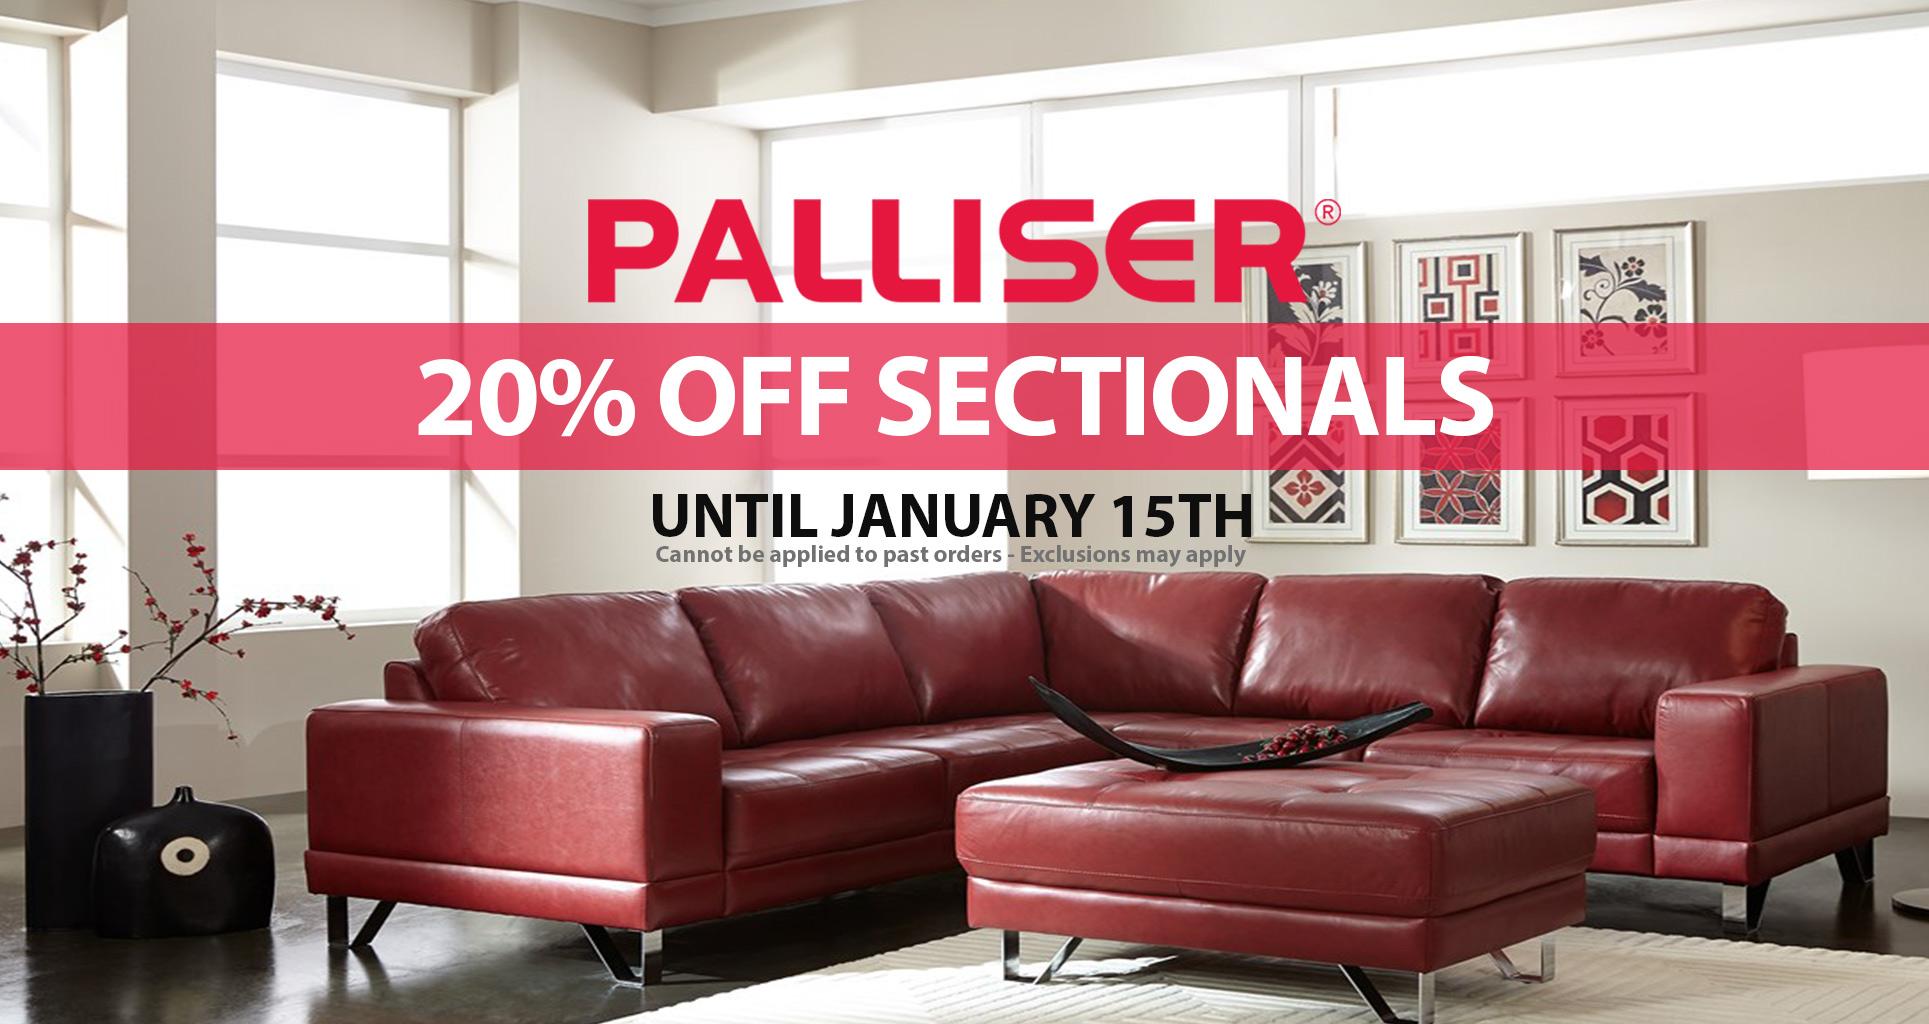 Palliser_Sectionals_20OFF_December2017_WEB-1